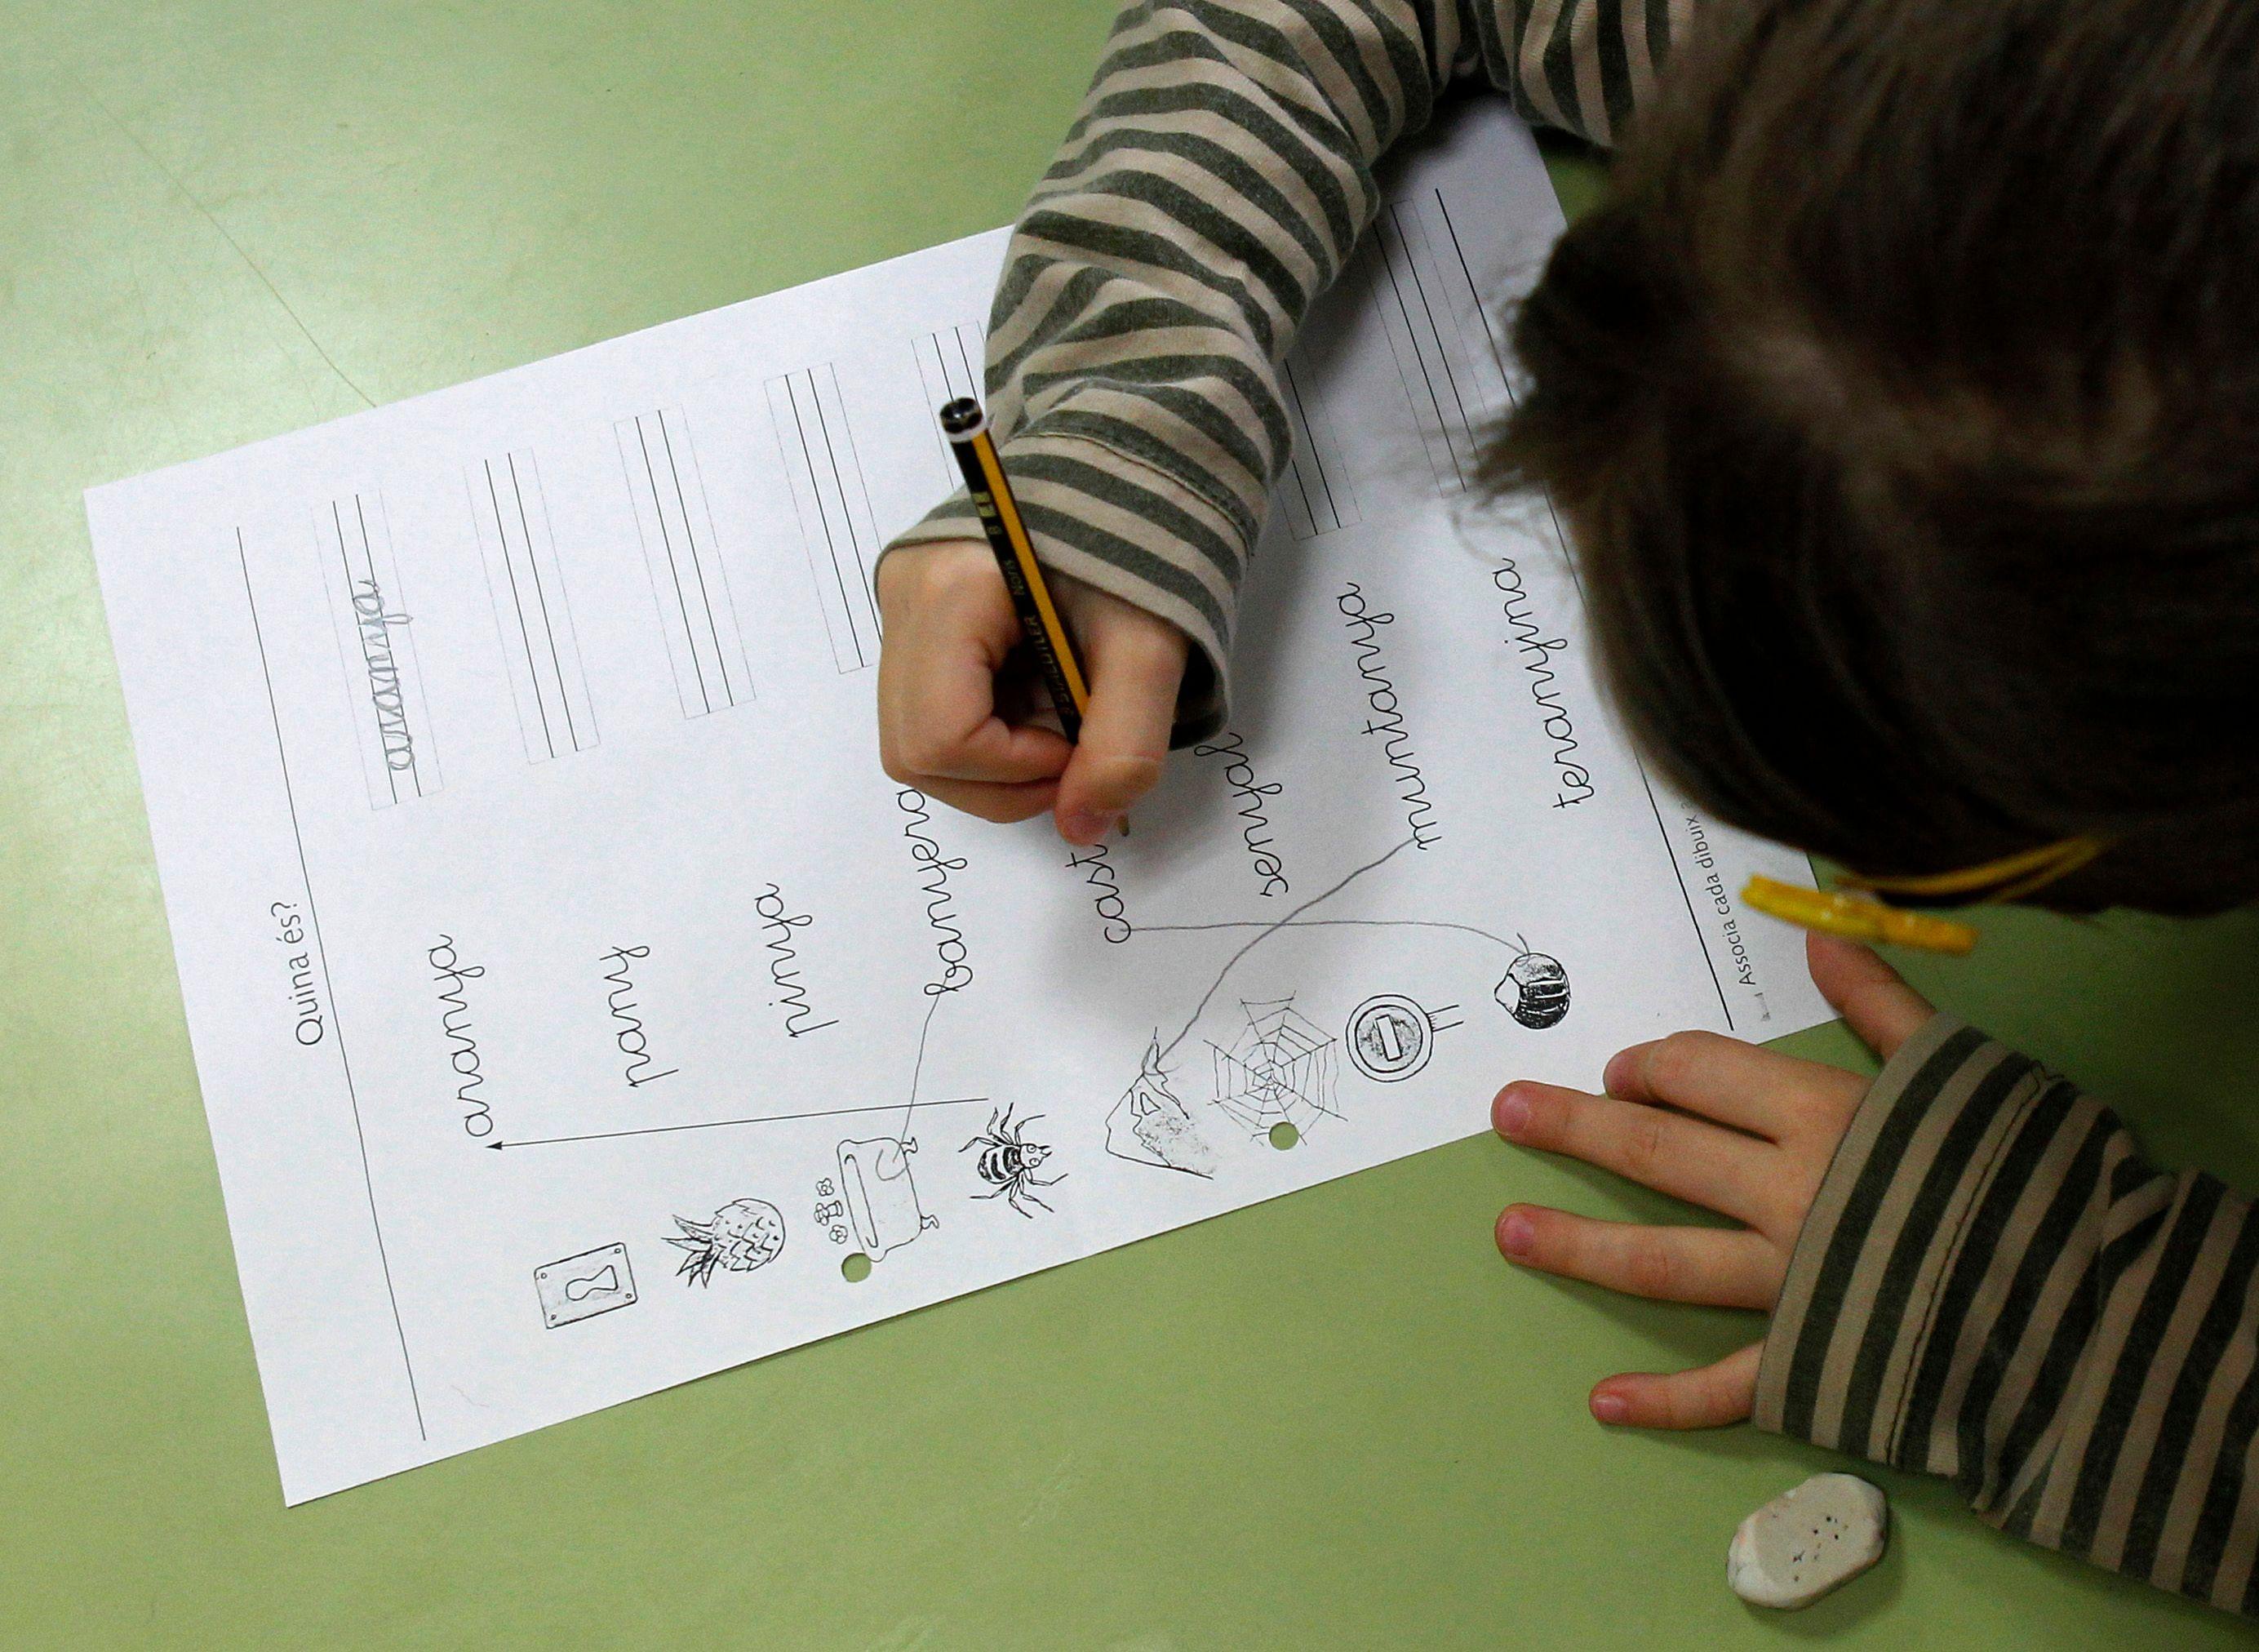 Le gouvernement a décidé de continuer son opération de (ré)éducation des enfants à l'égalité femme-homme.